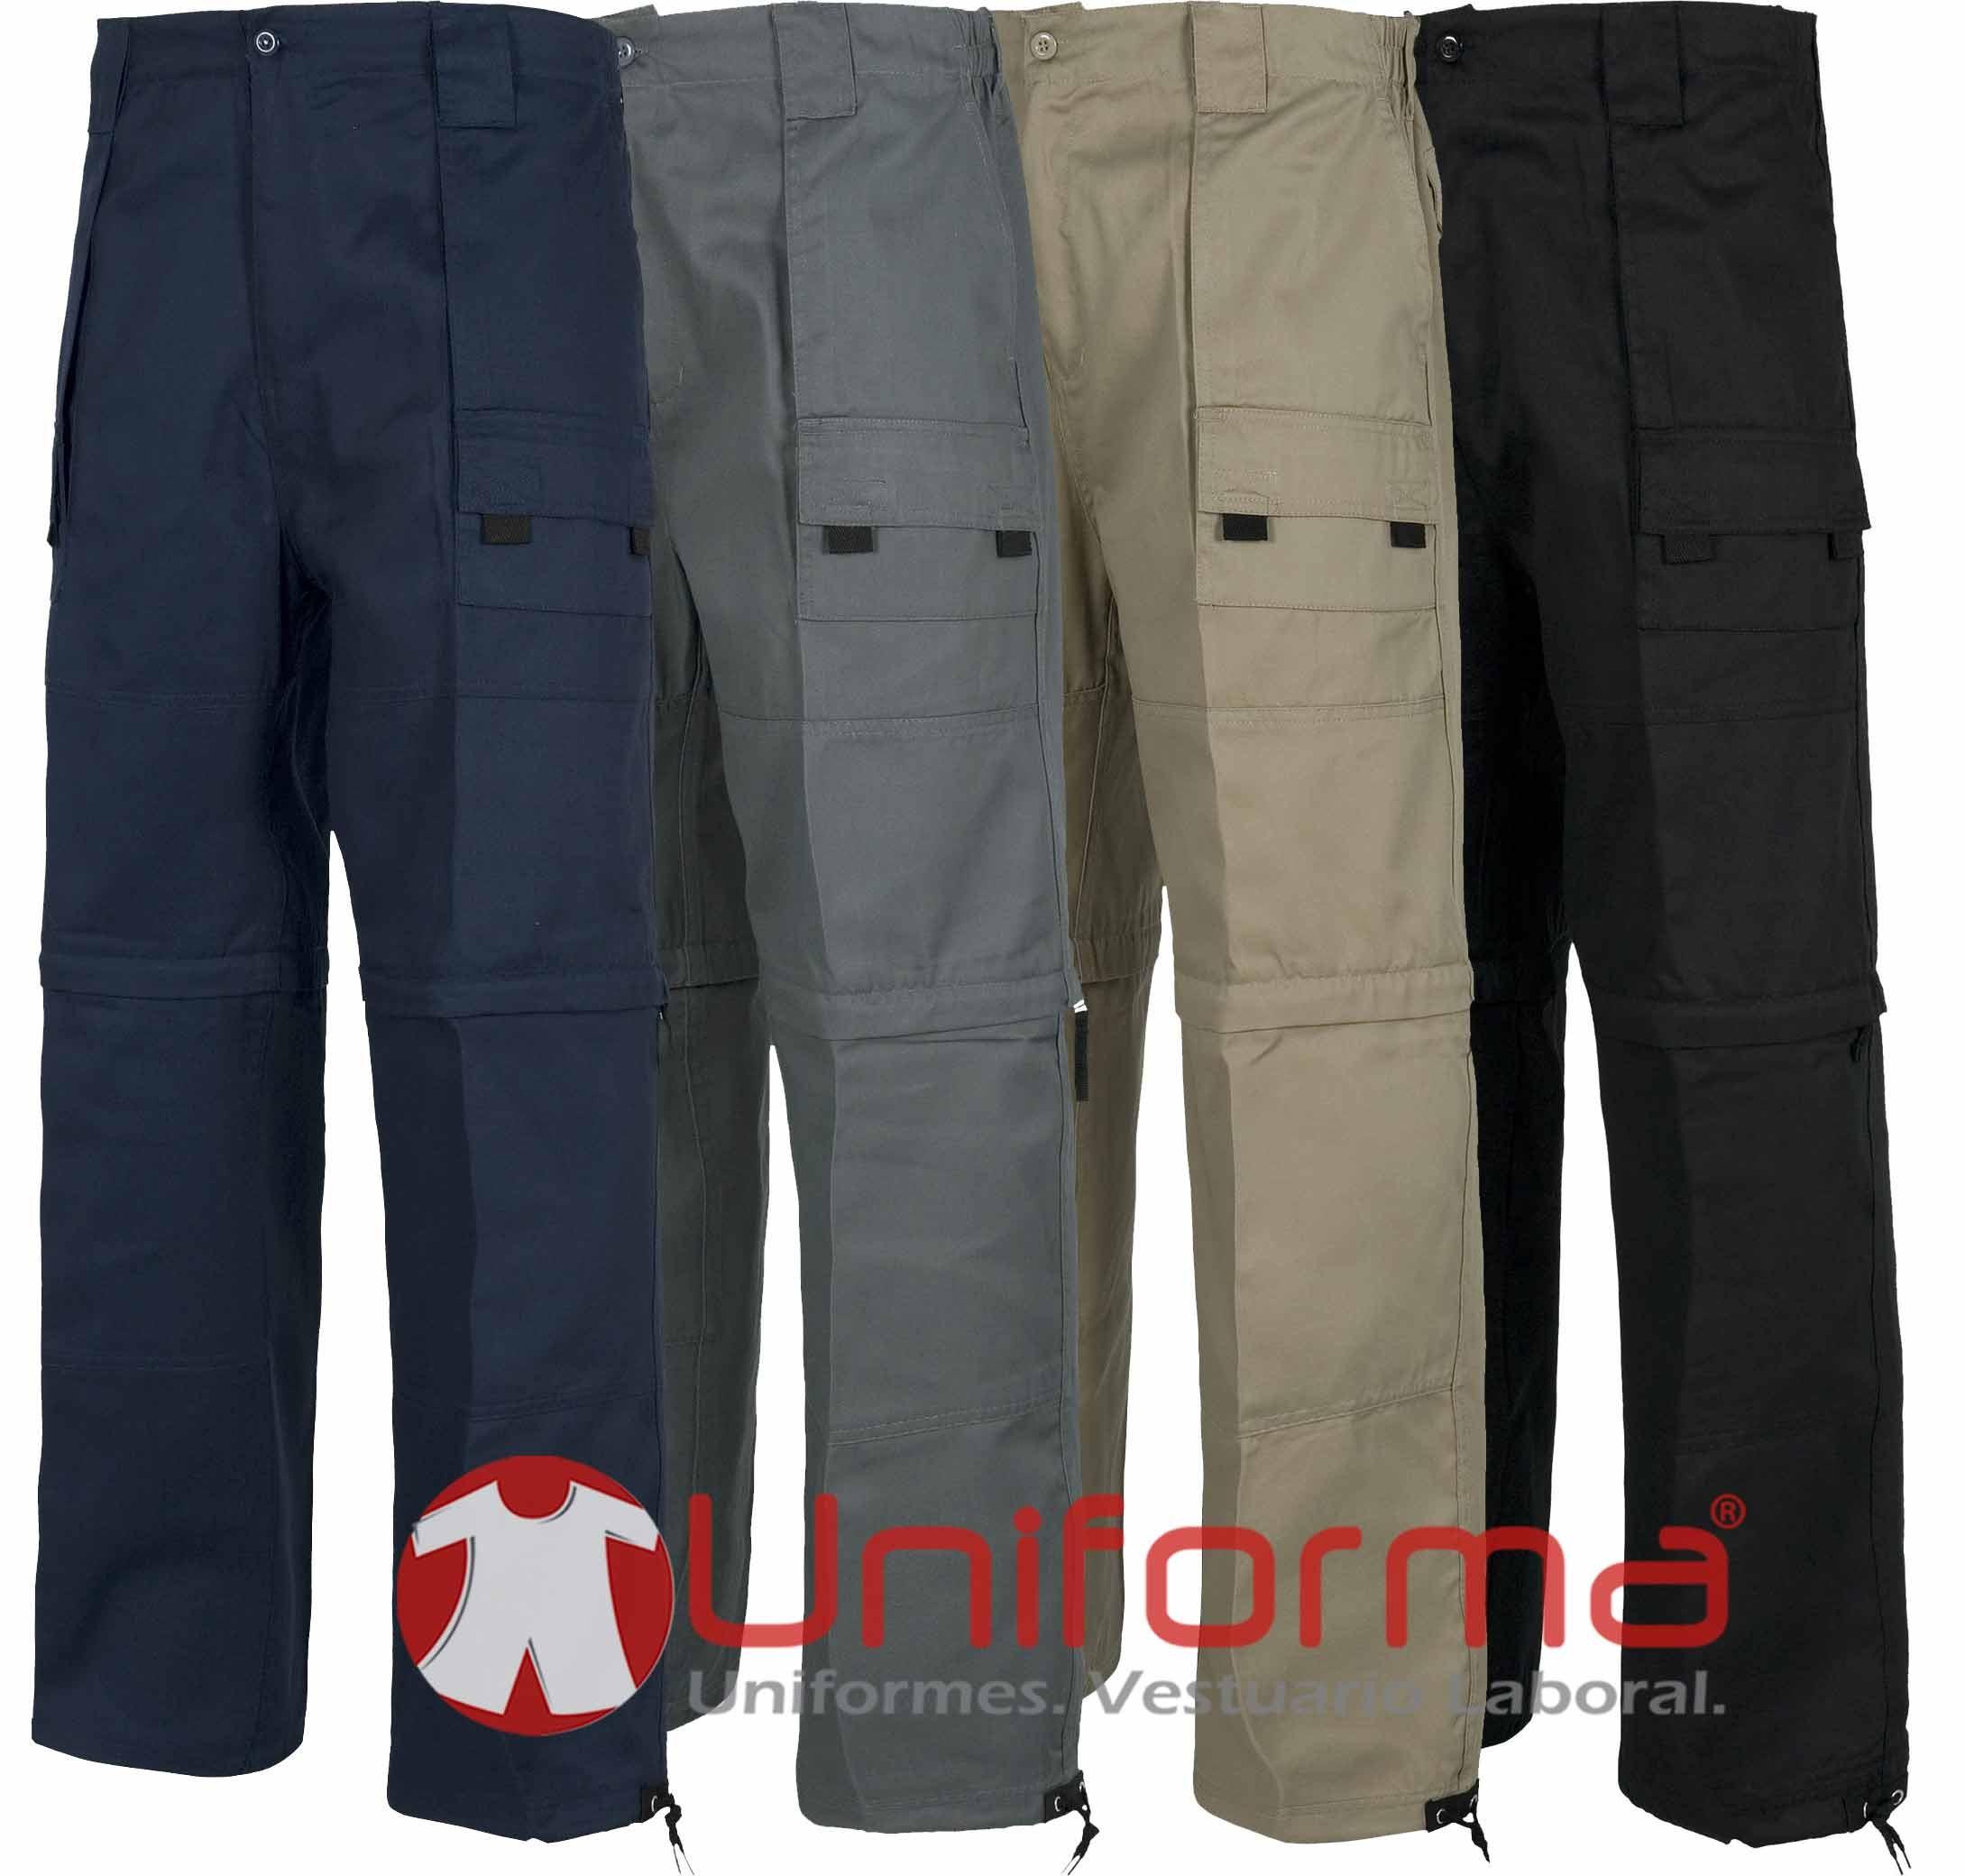 Pantanones de trabano malaga for Pantalones de trabajo multibolsillos